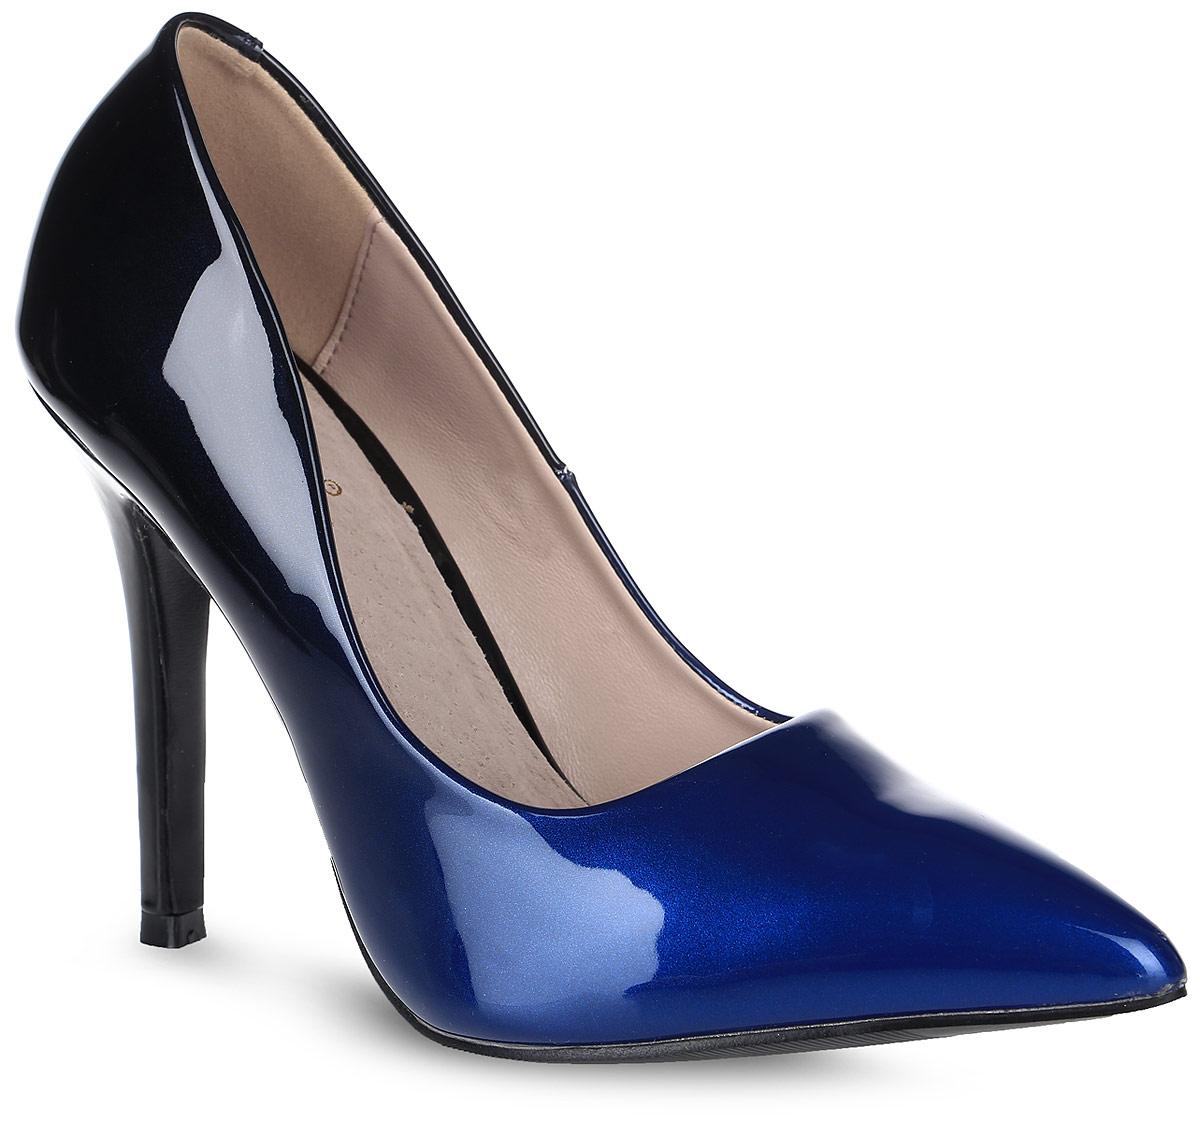 Туфли женские Vitacci, цвет: синий, черный. 87023. Размер 4087023Стильные женские туфли Vitacci изготовлены из лакированной искусственной кожи. Цвет изделия плавно переходит из одного в другой. Зауженный носок добавит женственности в ваш образ, а высокий каблук-шпилька достаточно устойчив. Подошва из термопластичного материала с рельефным протектором обеспечивает отличное сцепление на любой поверхности.